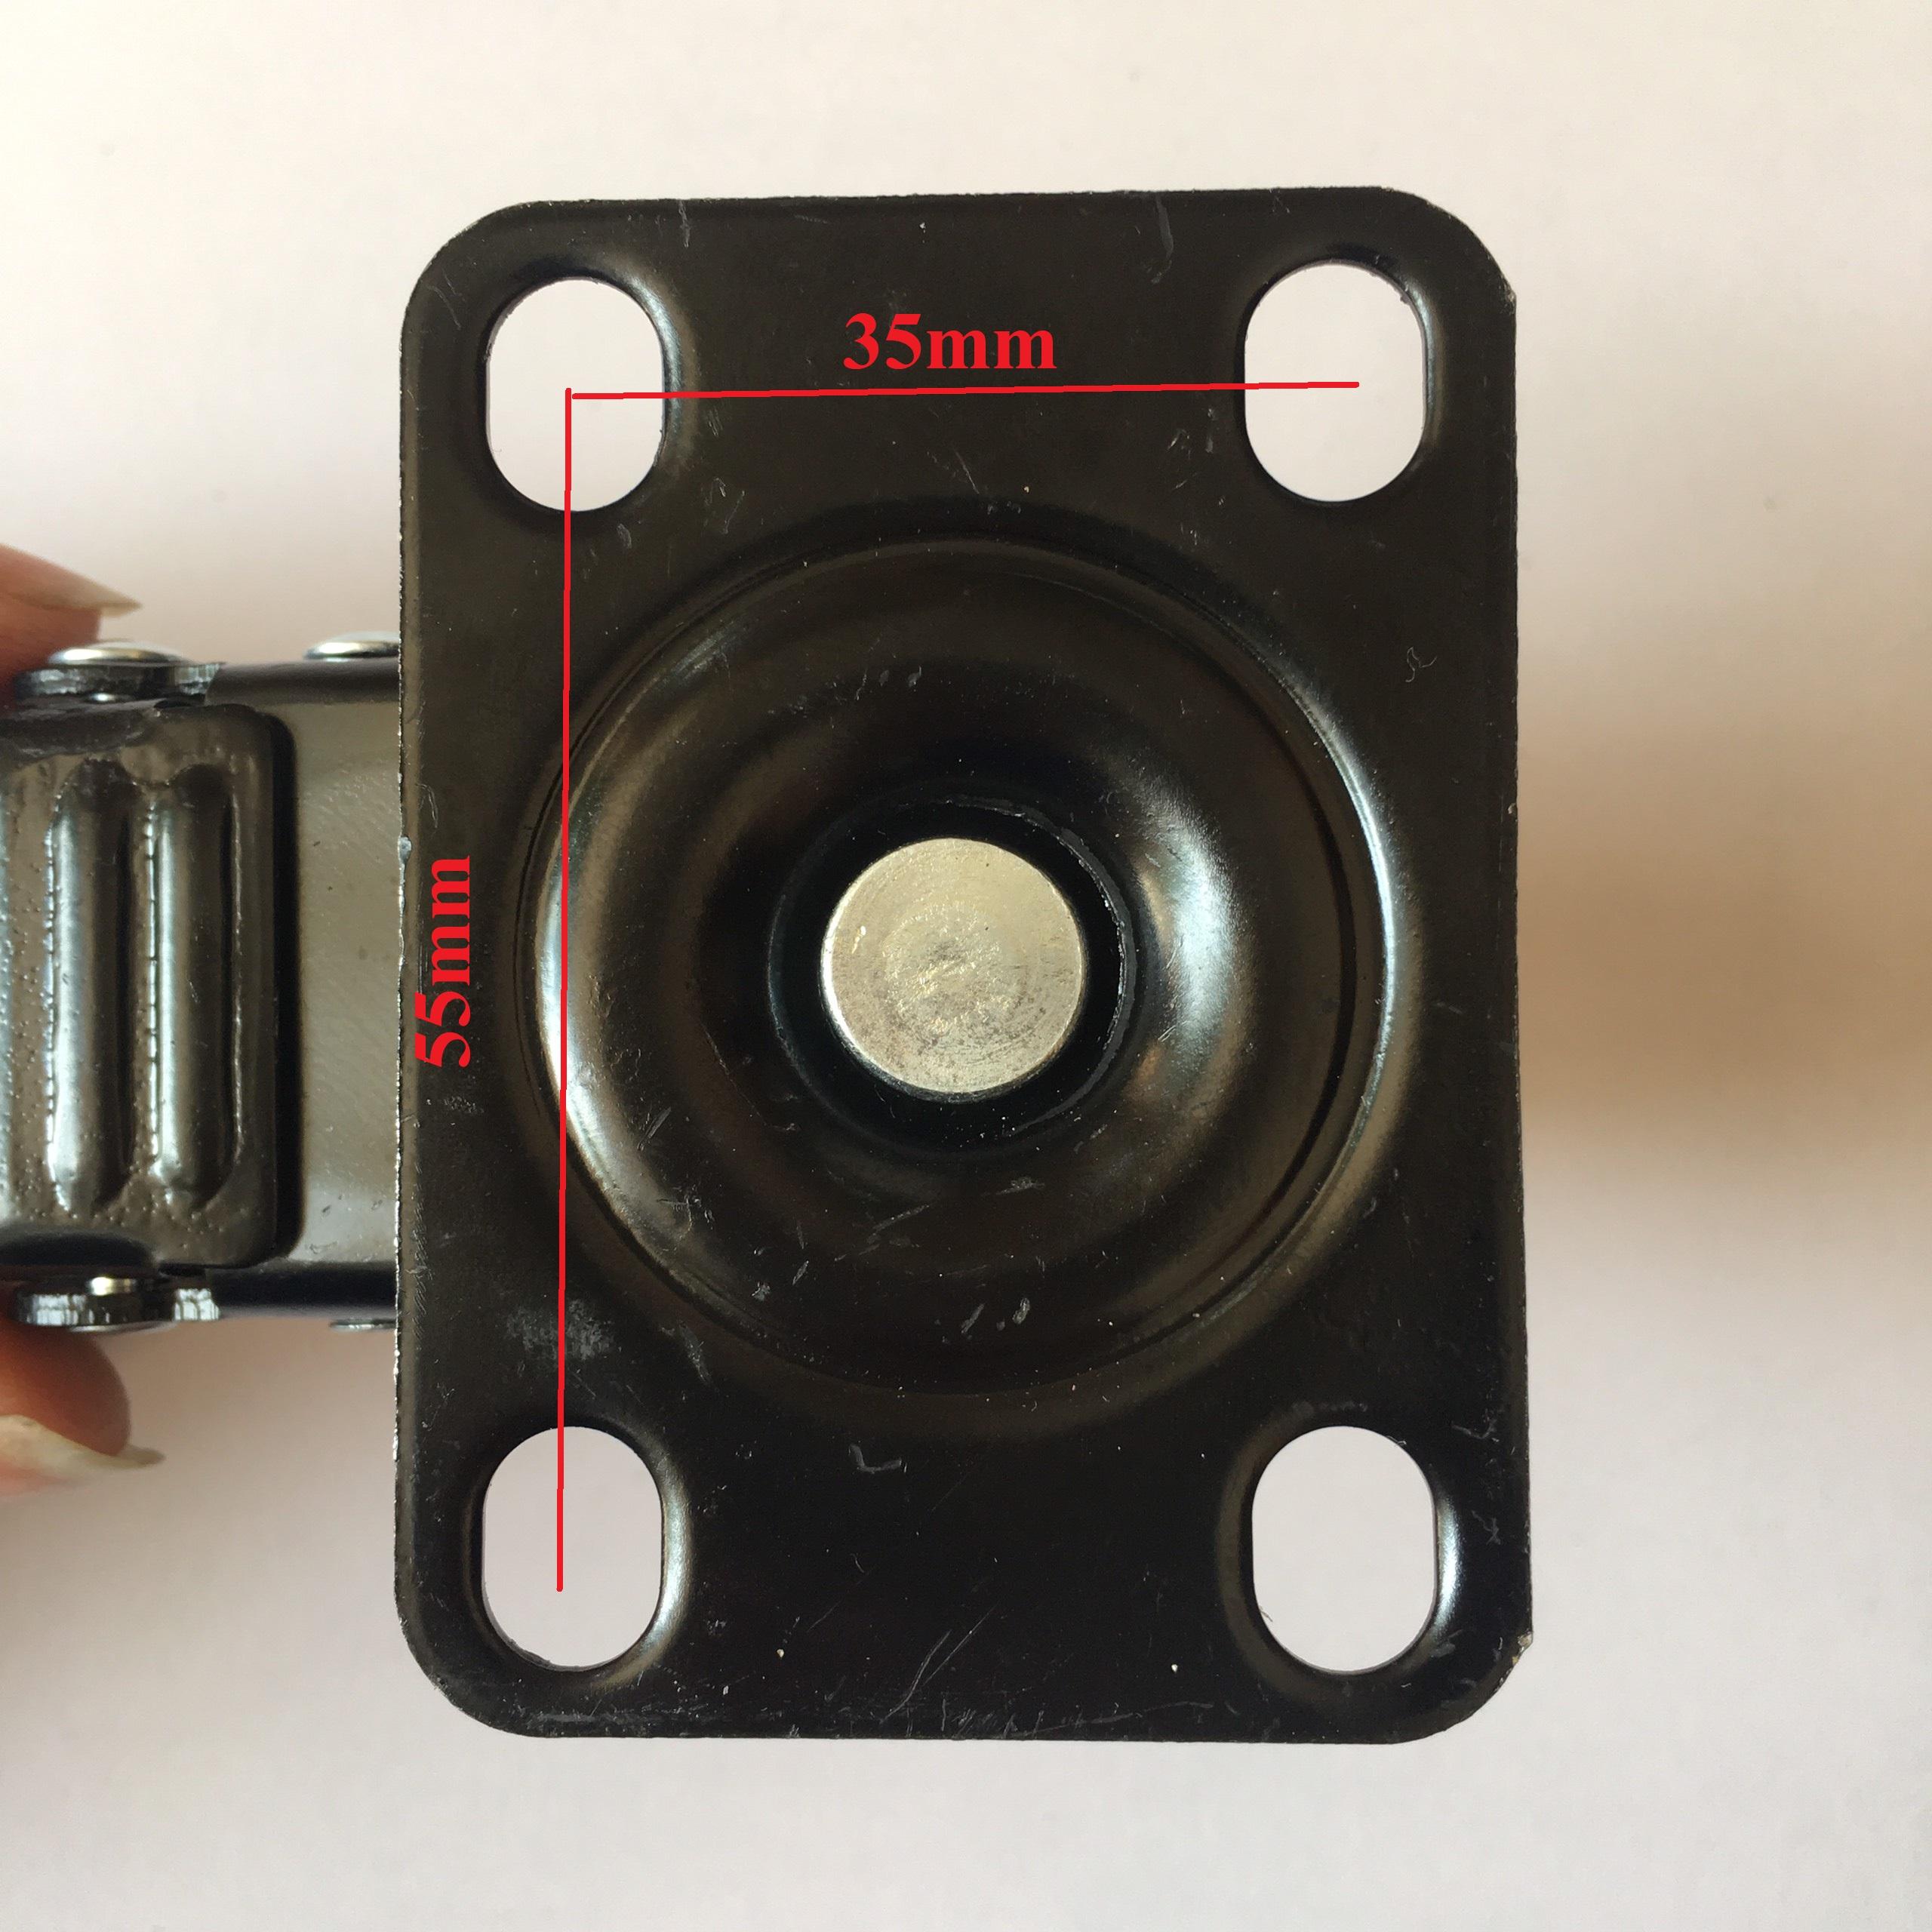 Combo 4 bánh xe đẩy cao cấp chịu tải trọng cao, KT 50x25mm - Tặng 05 nút bịt ổ điện an toàn cho trẻ